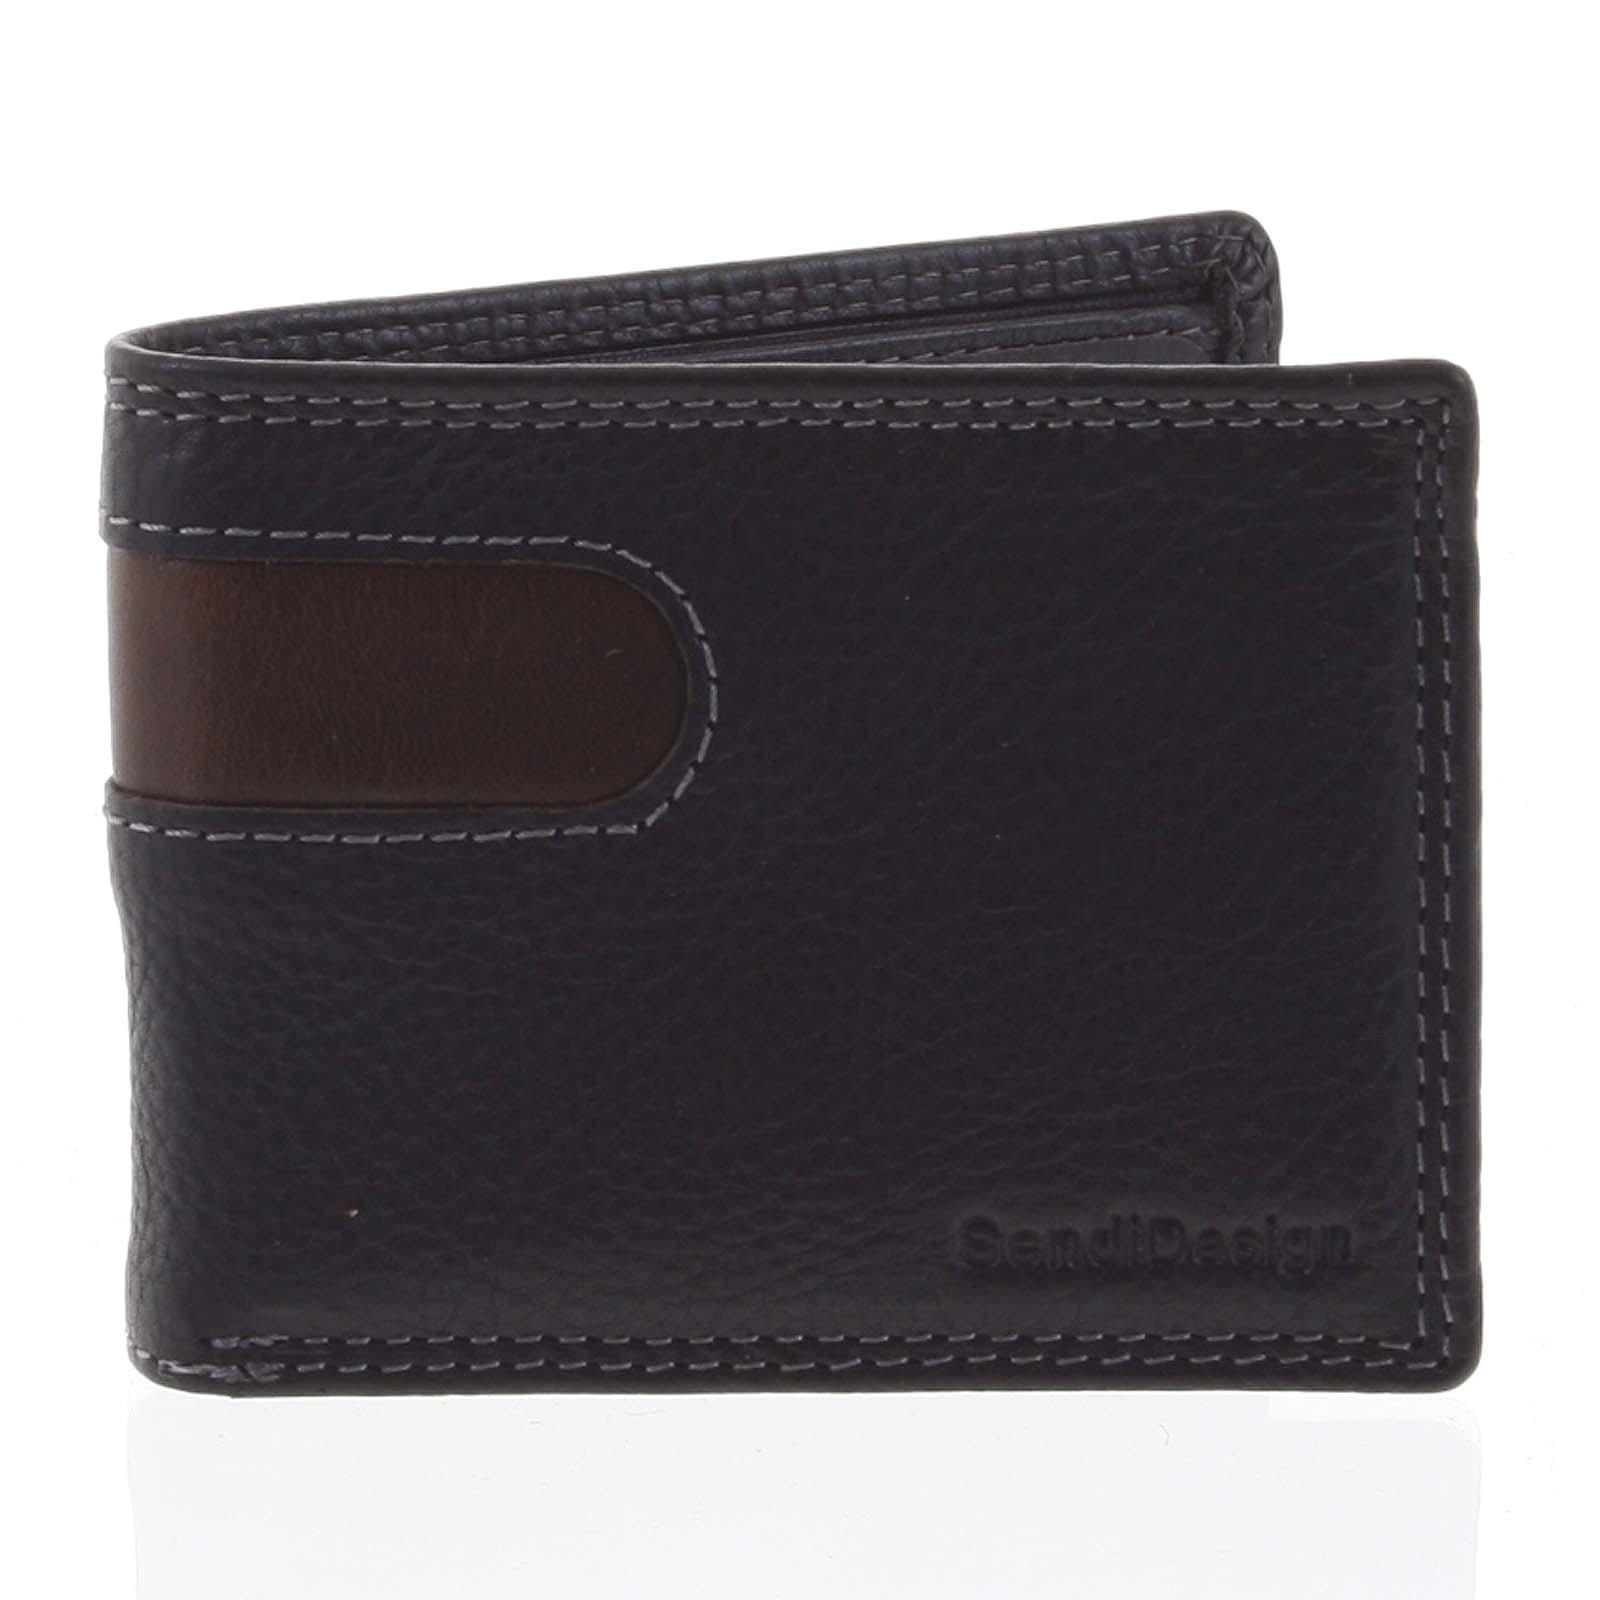 Pánská kožená peněženka na karty černá - SendiDesign Sinai